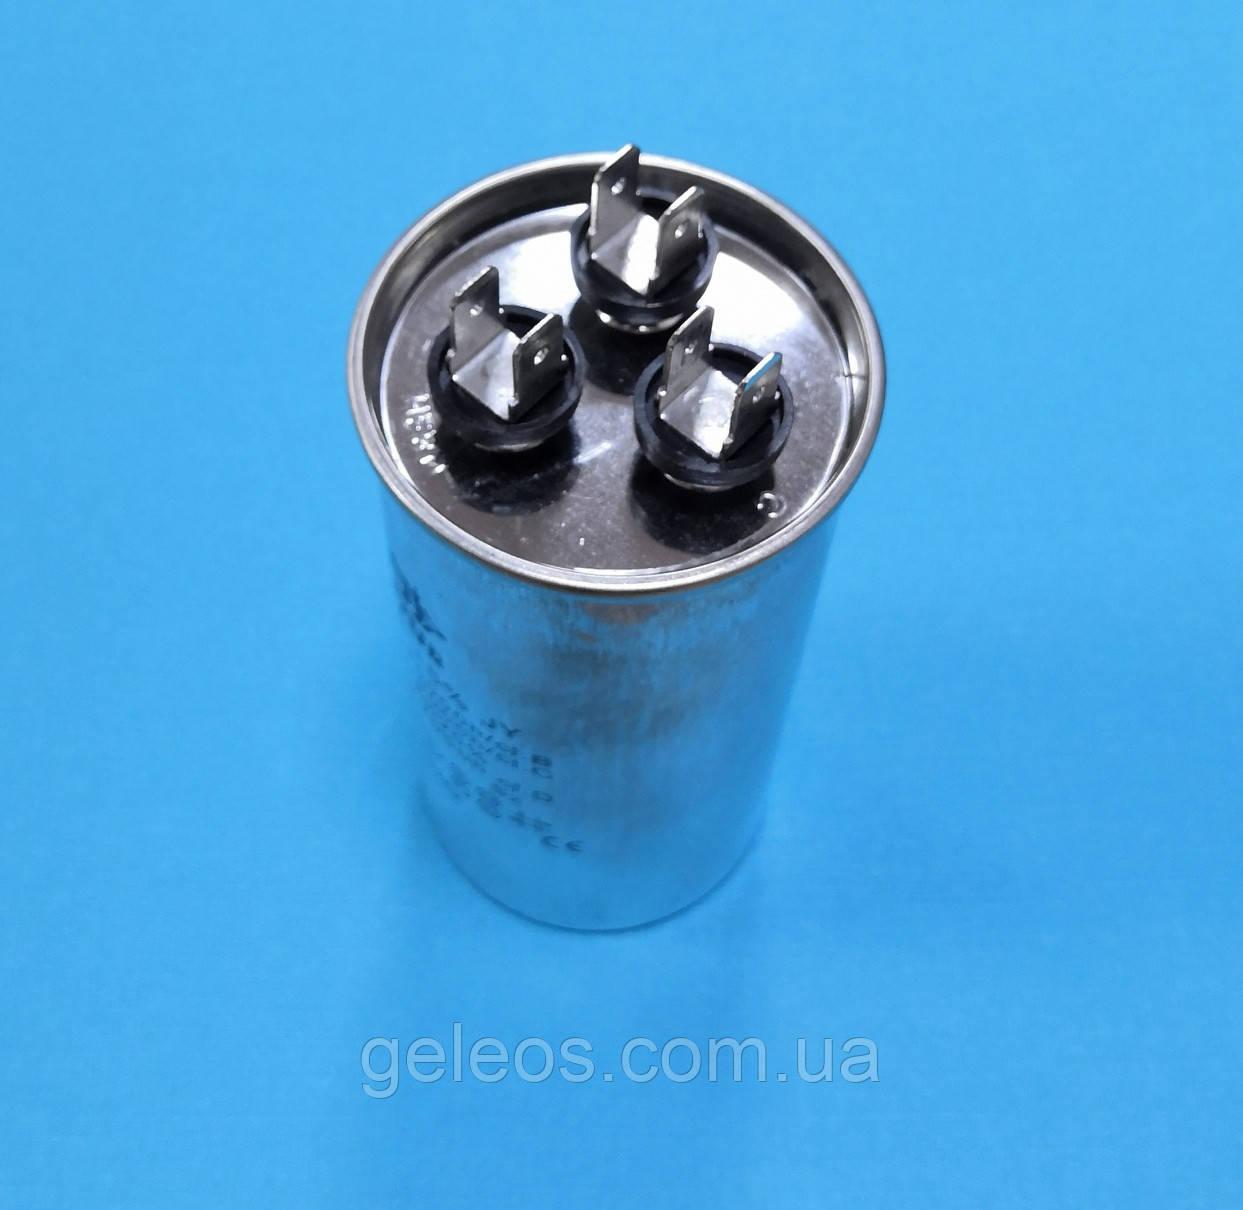 Конденсатор 30+1.5мкФ пусковой/рабочий 450В  металл. Китай